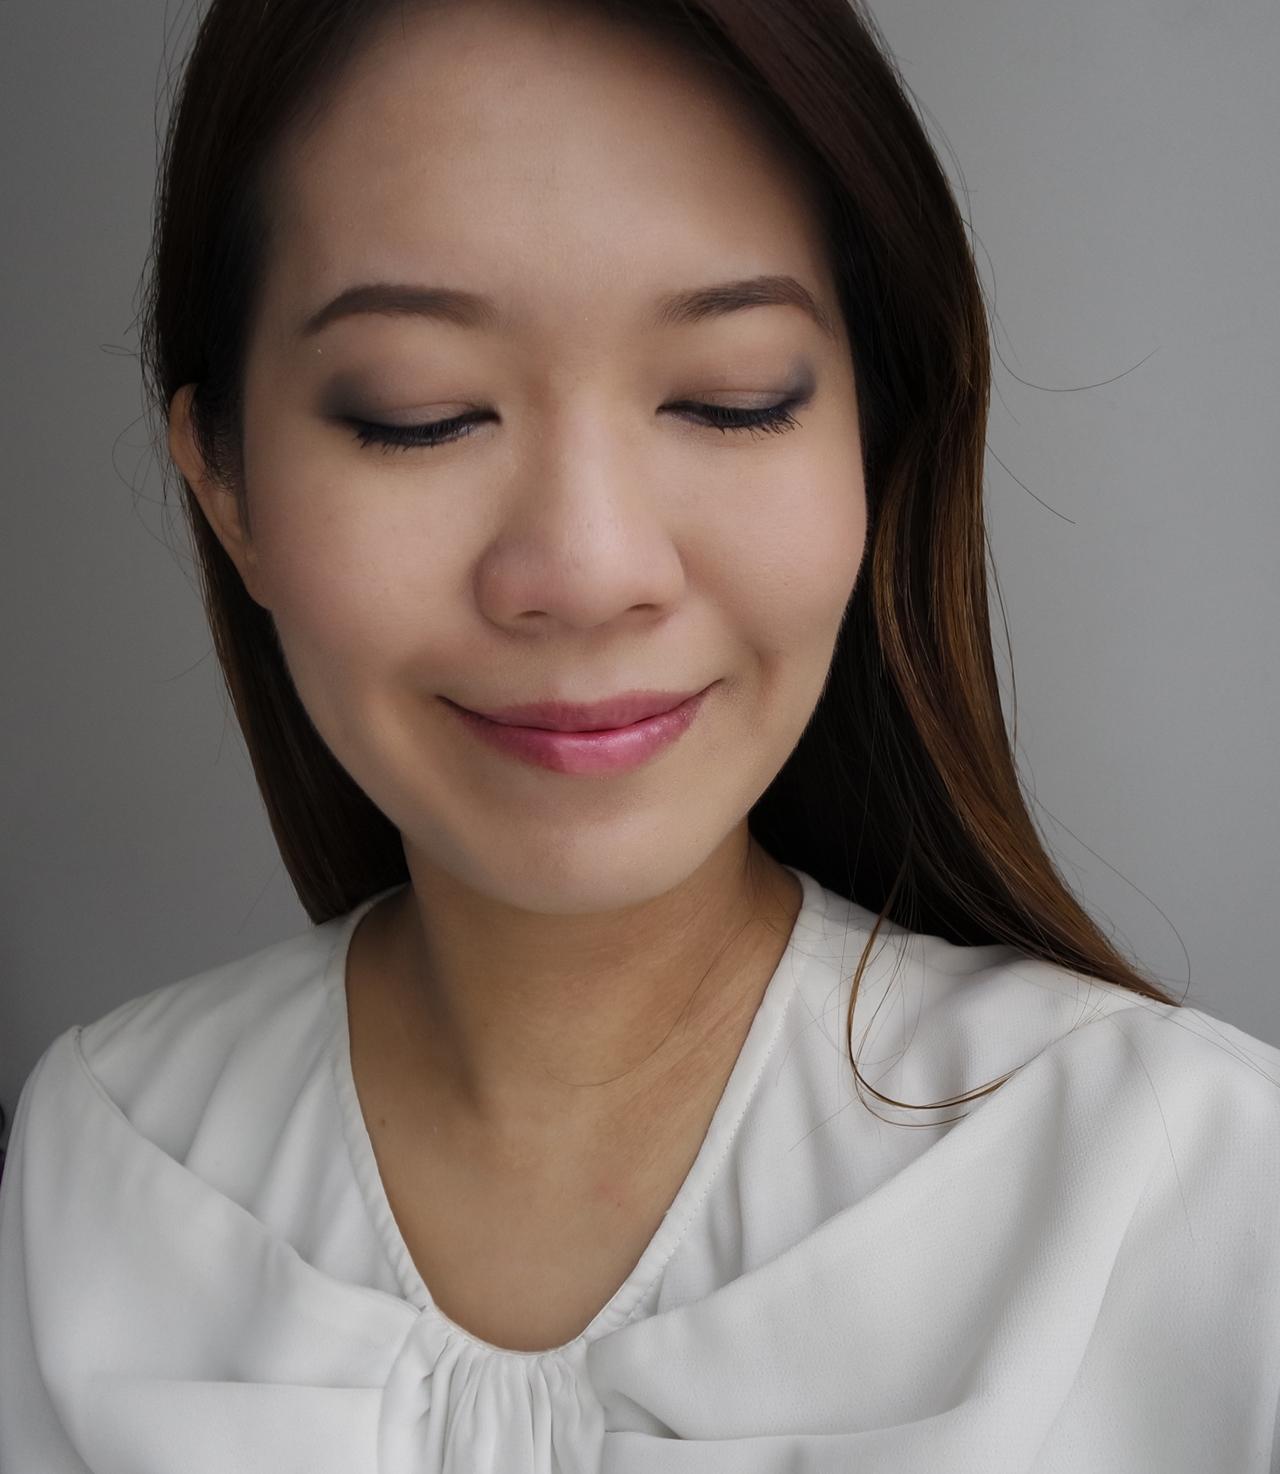 Kanebo Spring 2017 makeup look